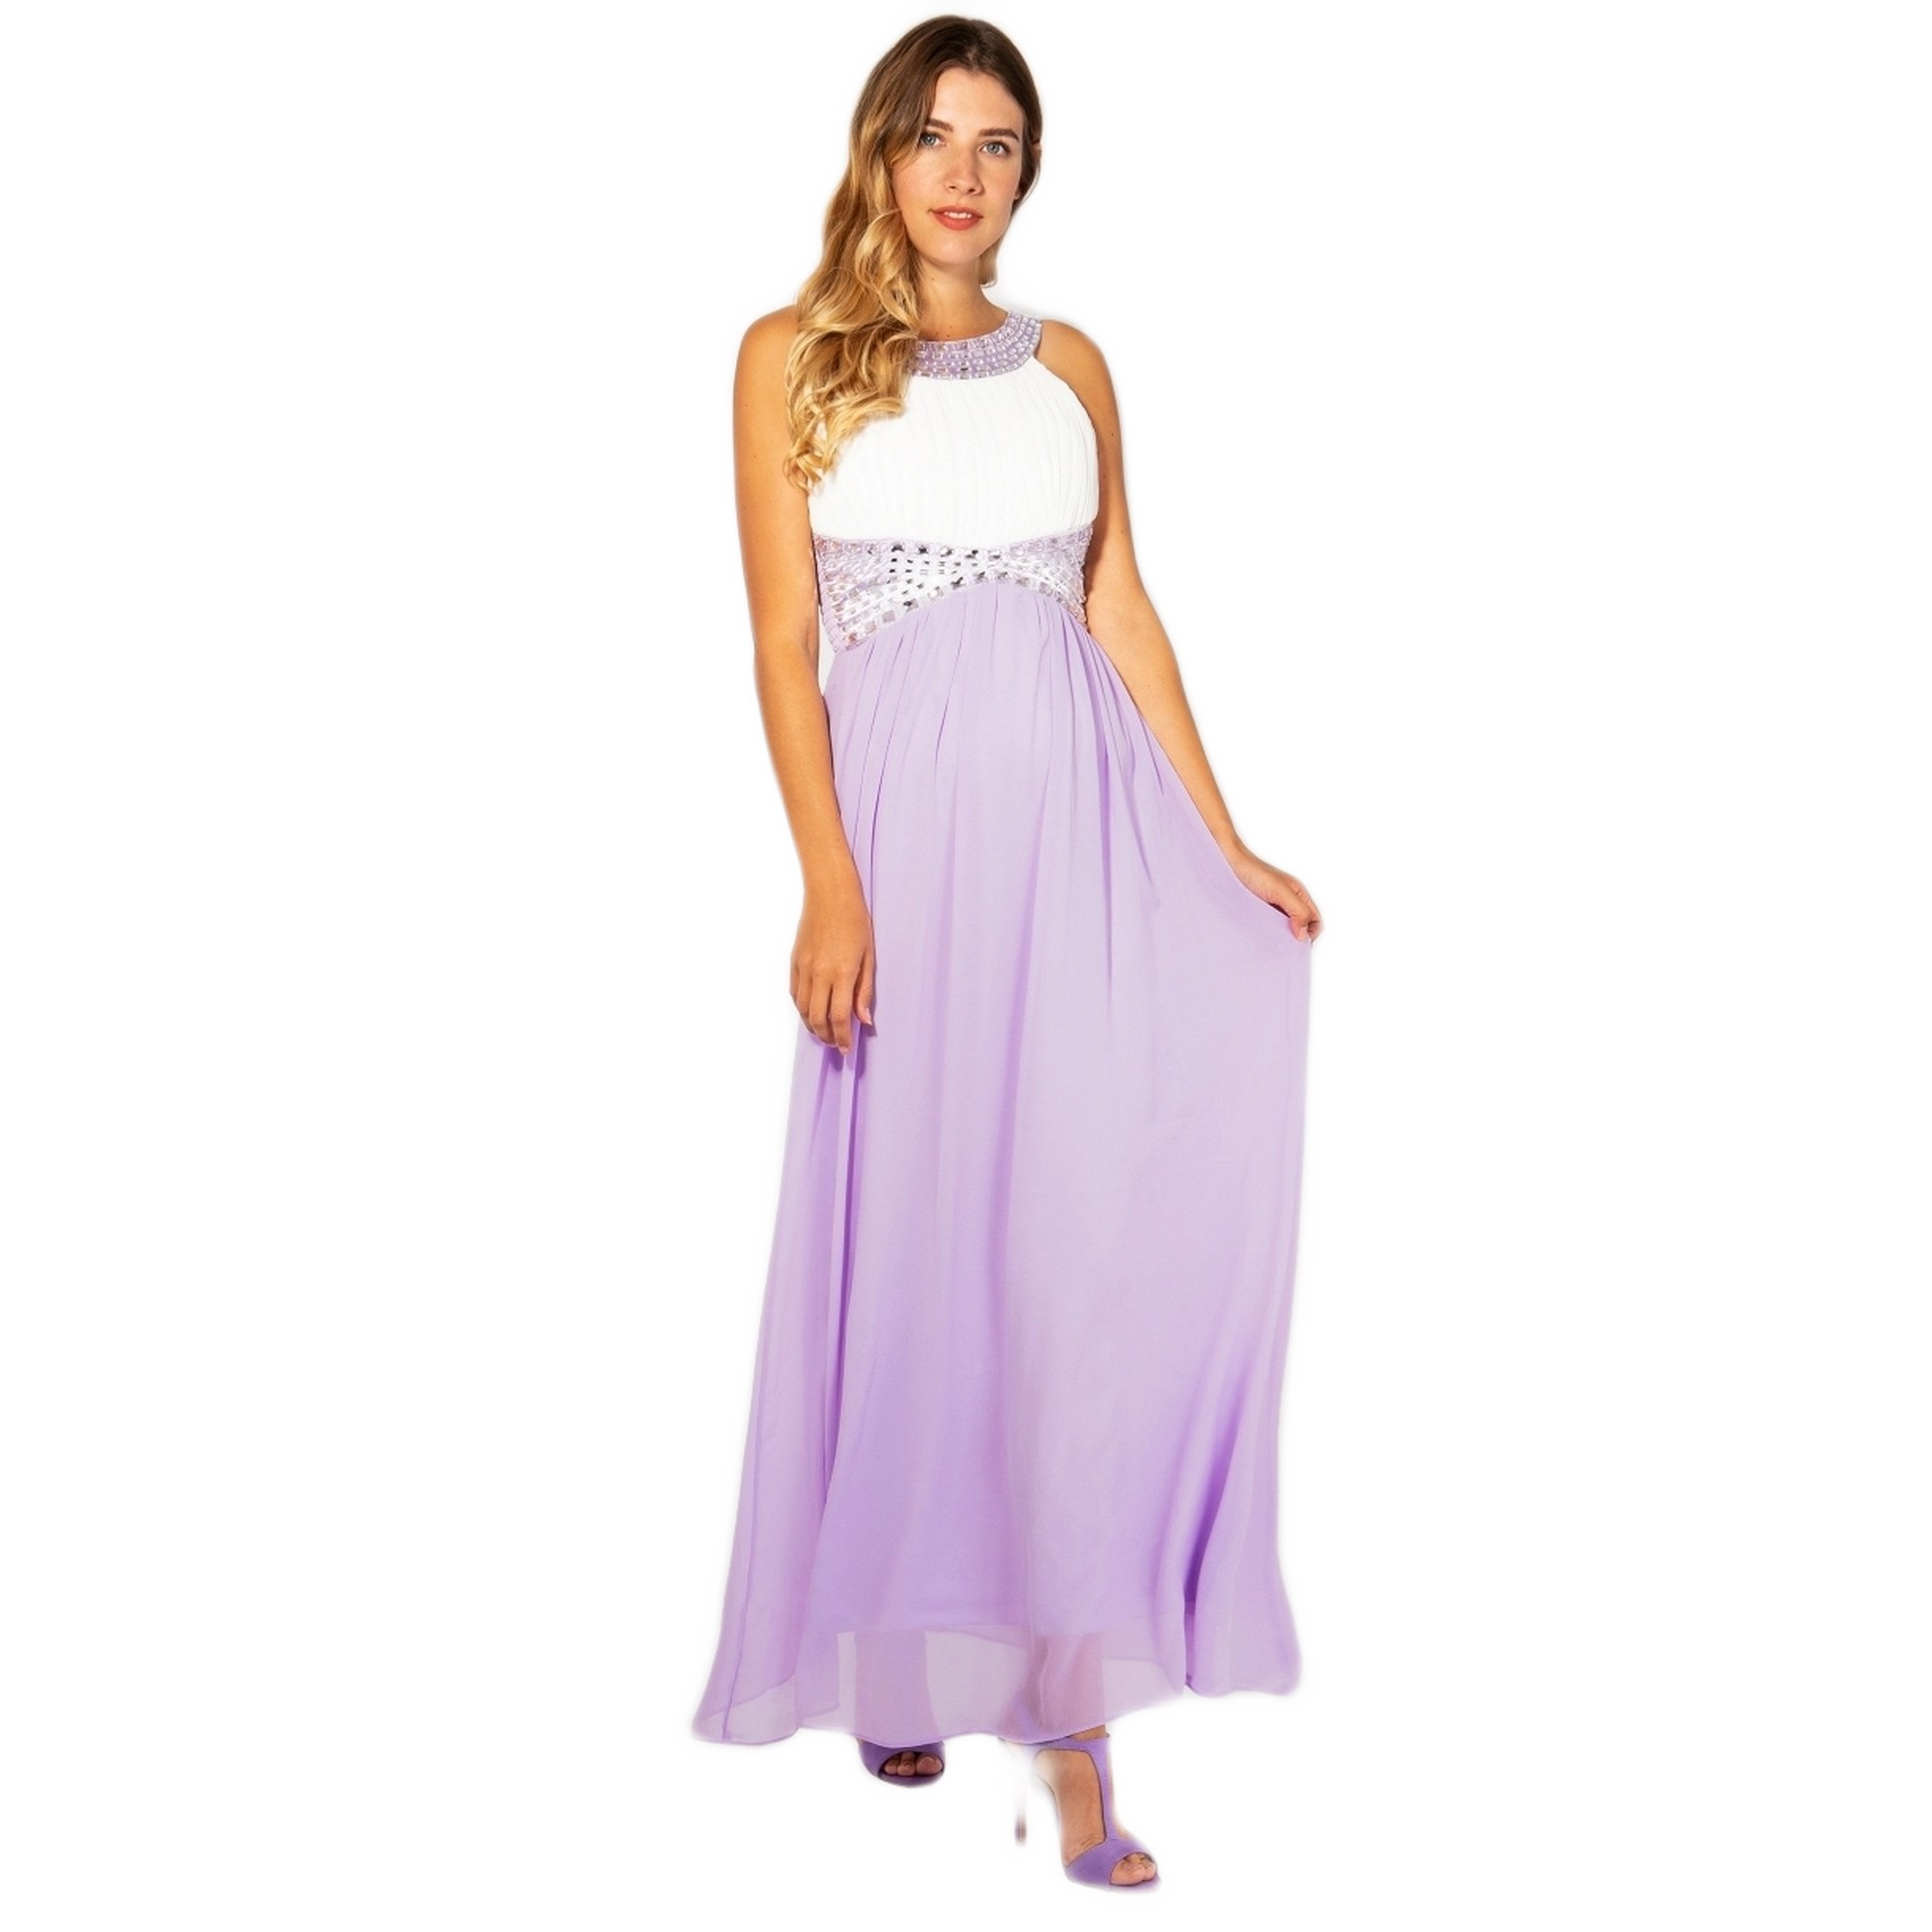 Krisp Womens/Ladies Contrast Diamante Evening Maxi Dress (16 UK) (Cream/Lilac)